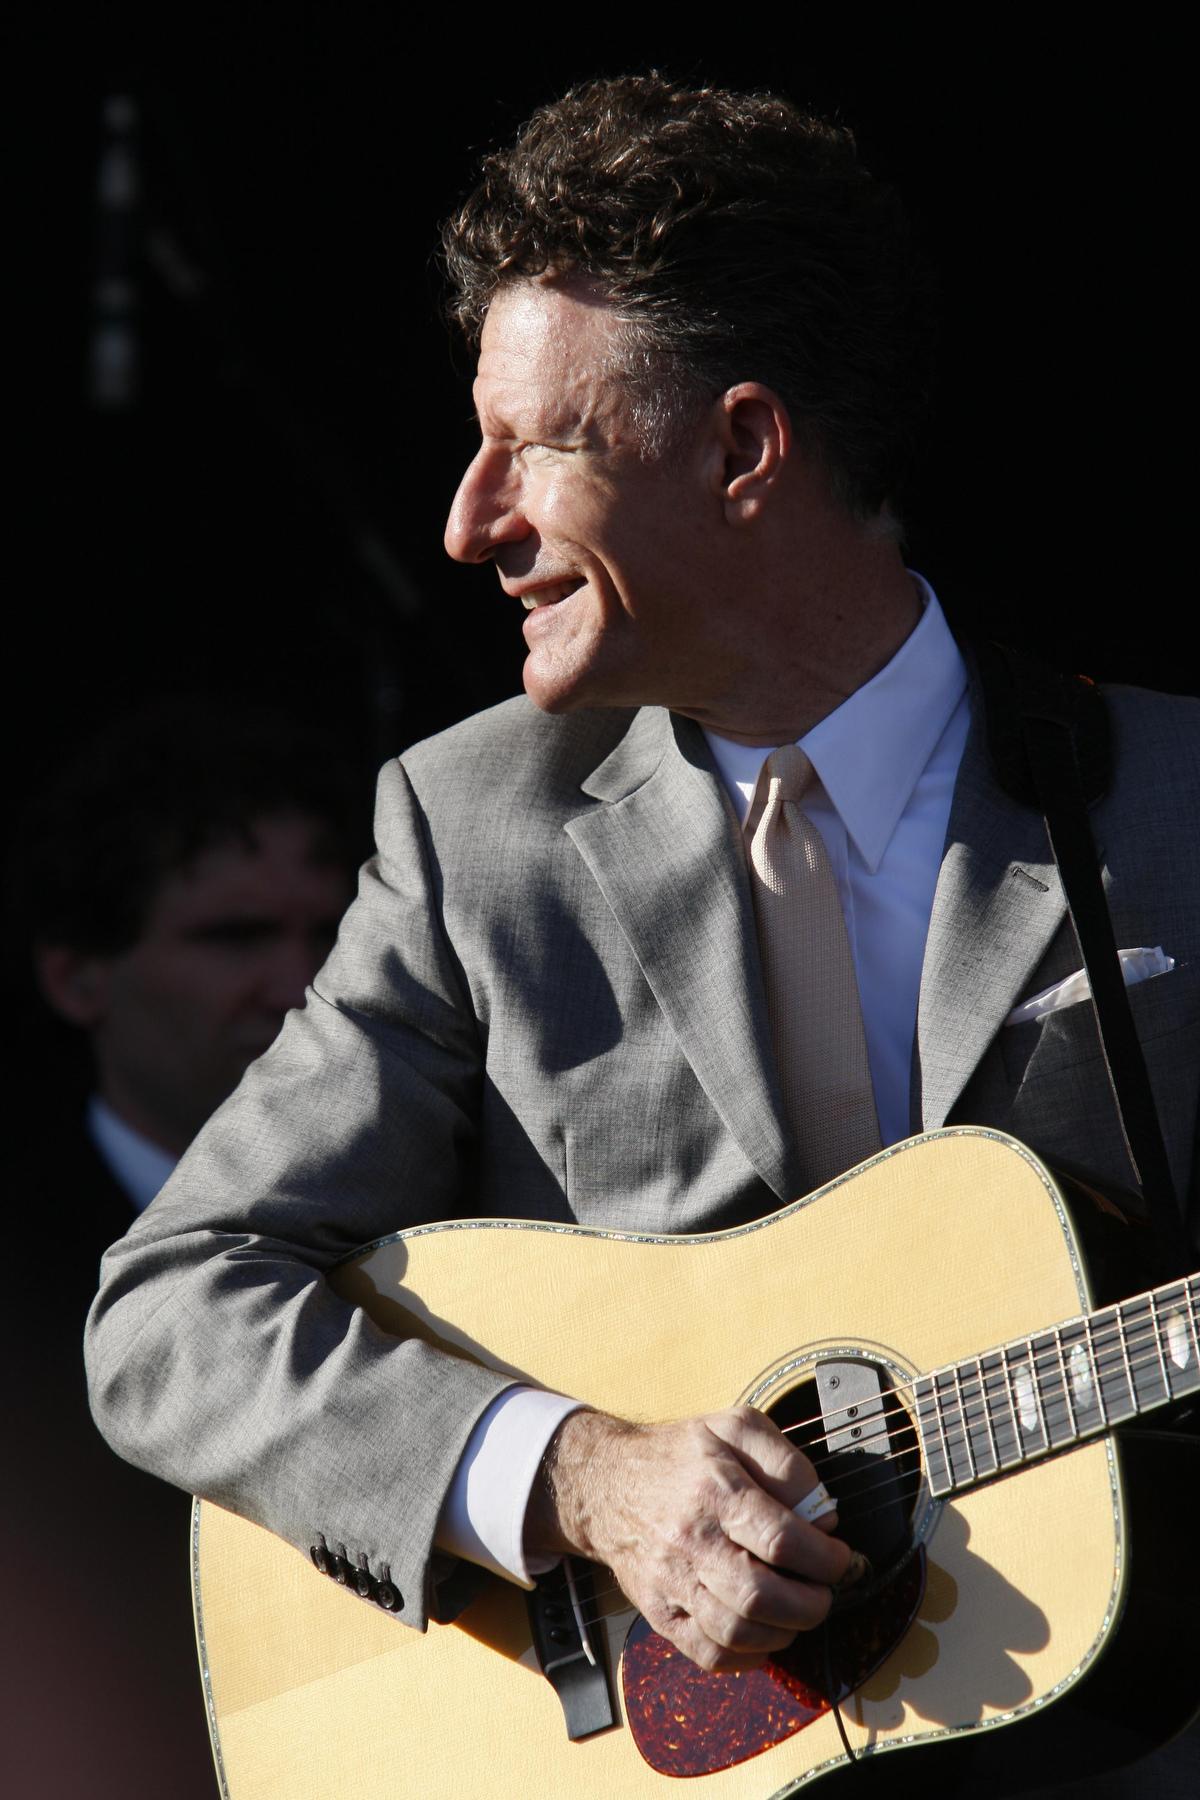 guitarist at an outdoor concert